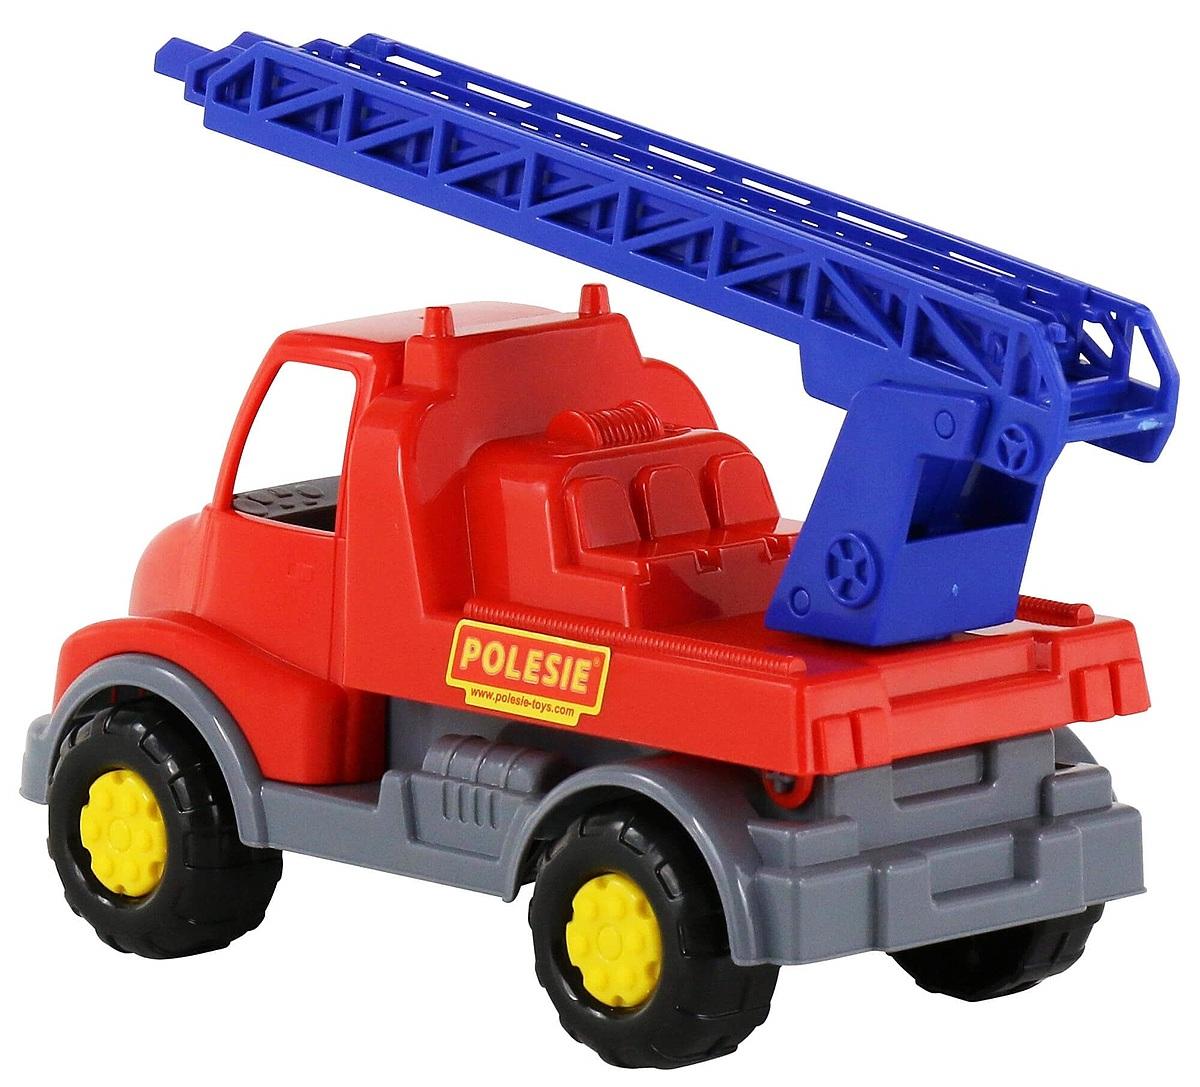 Xe cứu hỏa Leonlà xe đồ chơi mang kích thước thu nhỏ của xe cứu hỏa trong thực tế, thiết kế có thang cứu hộ phía sau, kích thích tinh thần sáng tạo, khả năng nhập vai của bé. Nặng 280 gr, sản phẩm đang được bán với giá ưu đãi 10% là 107.000 đồng.